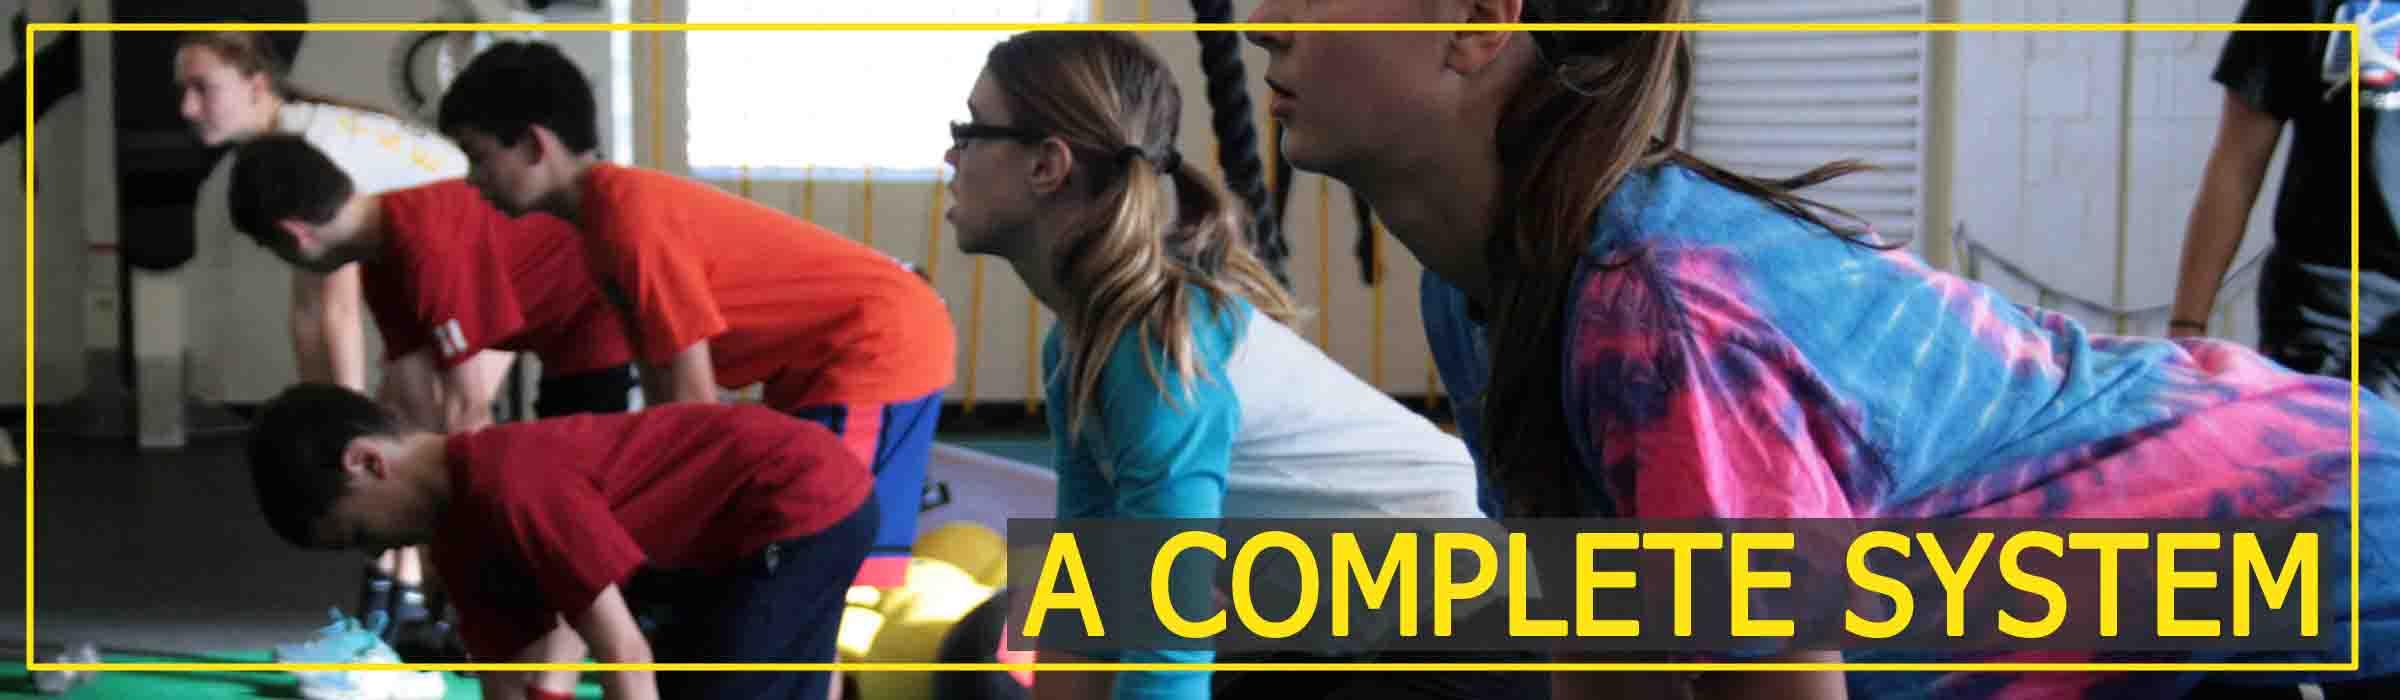 Jump Start Youth Speed Training Program class Weight Workout